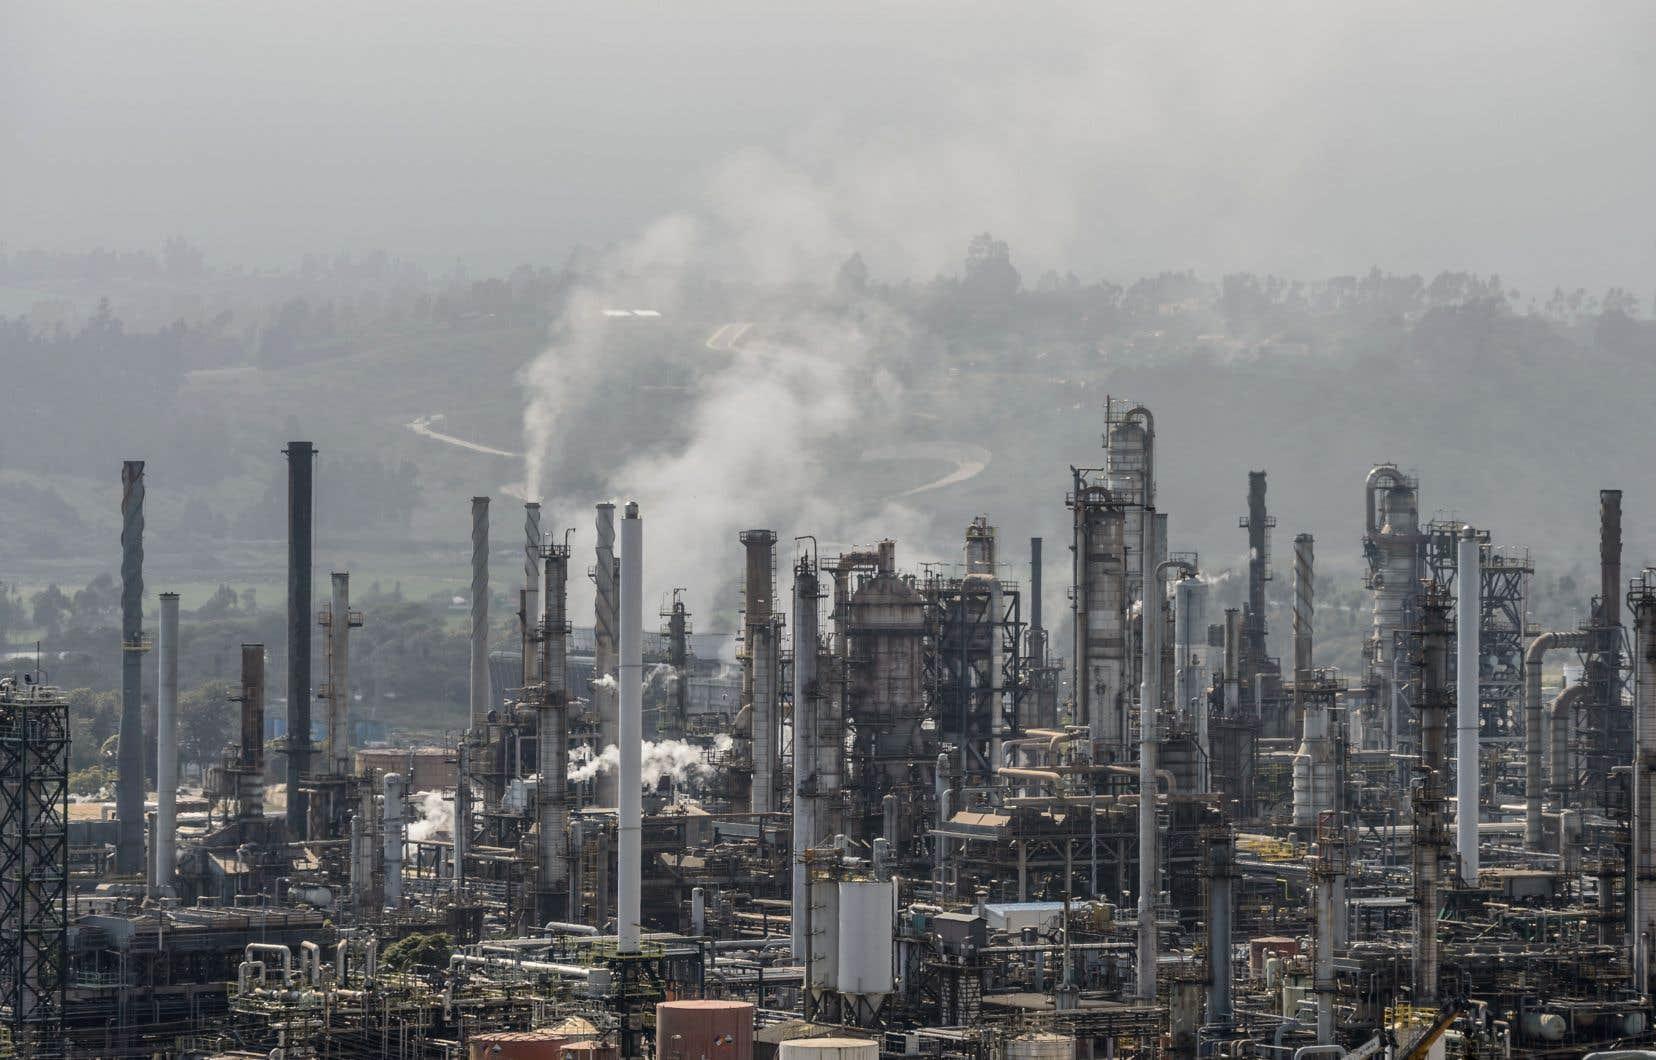 La Chine, touchée par un ralentissement économique, et les pays du Moyen-Orient ont vu leurs besoins ralentir, d'après les chiffres de l'OPEP.